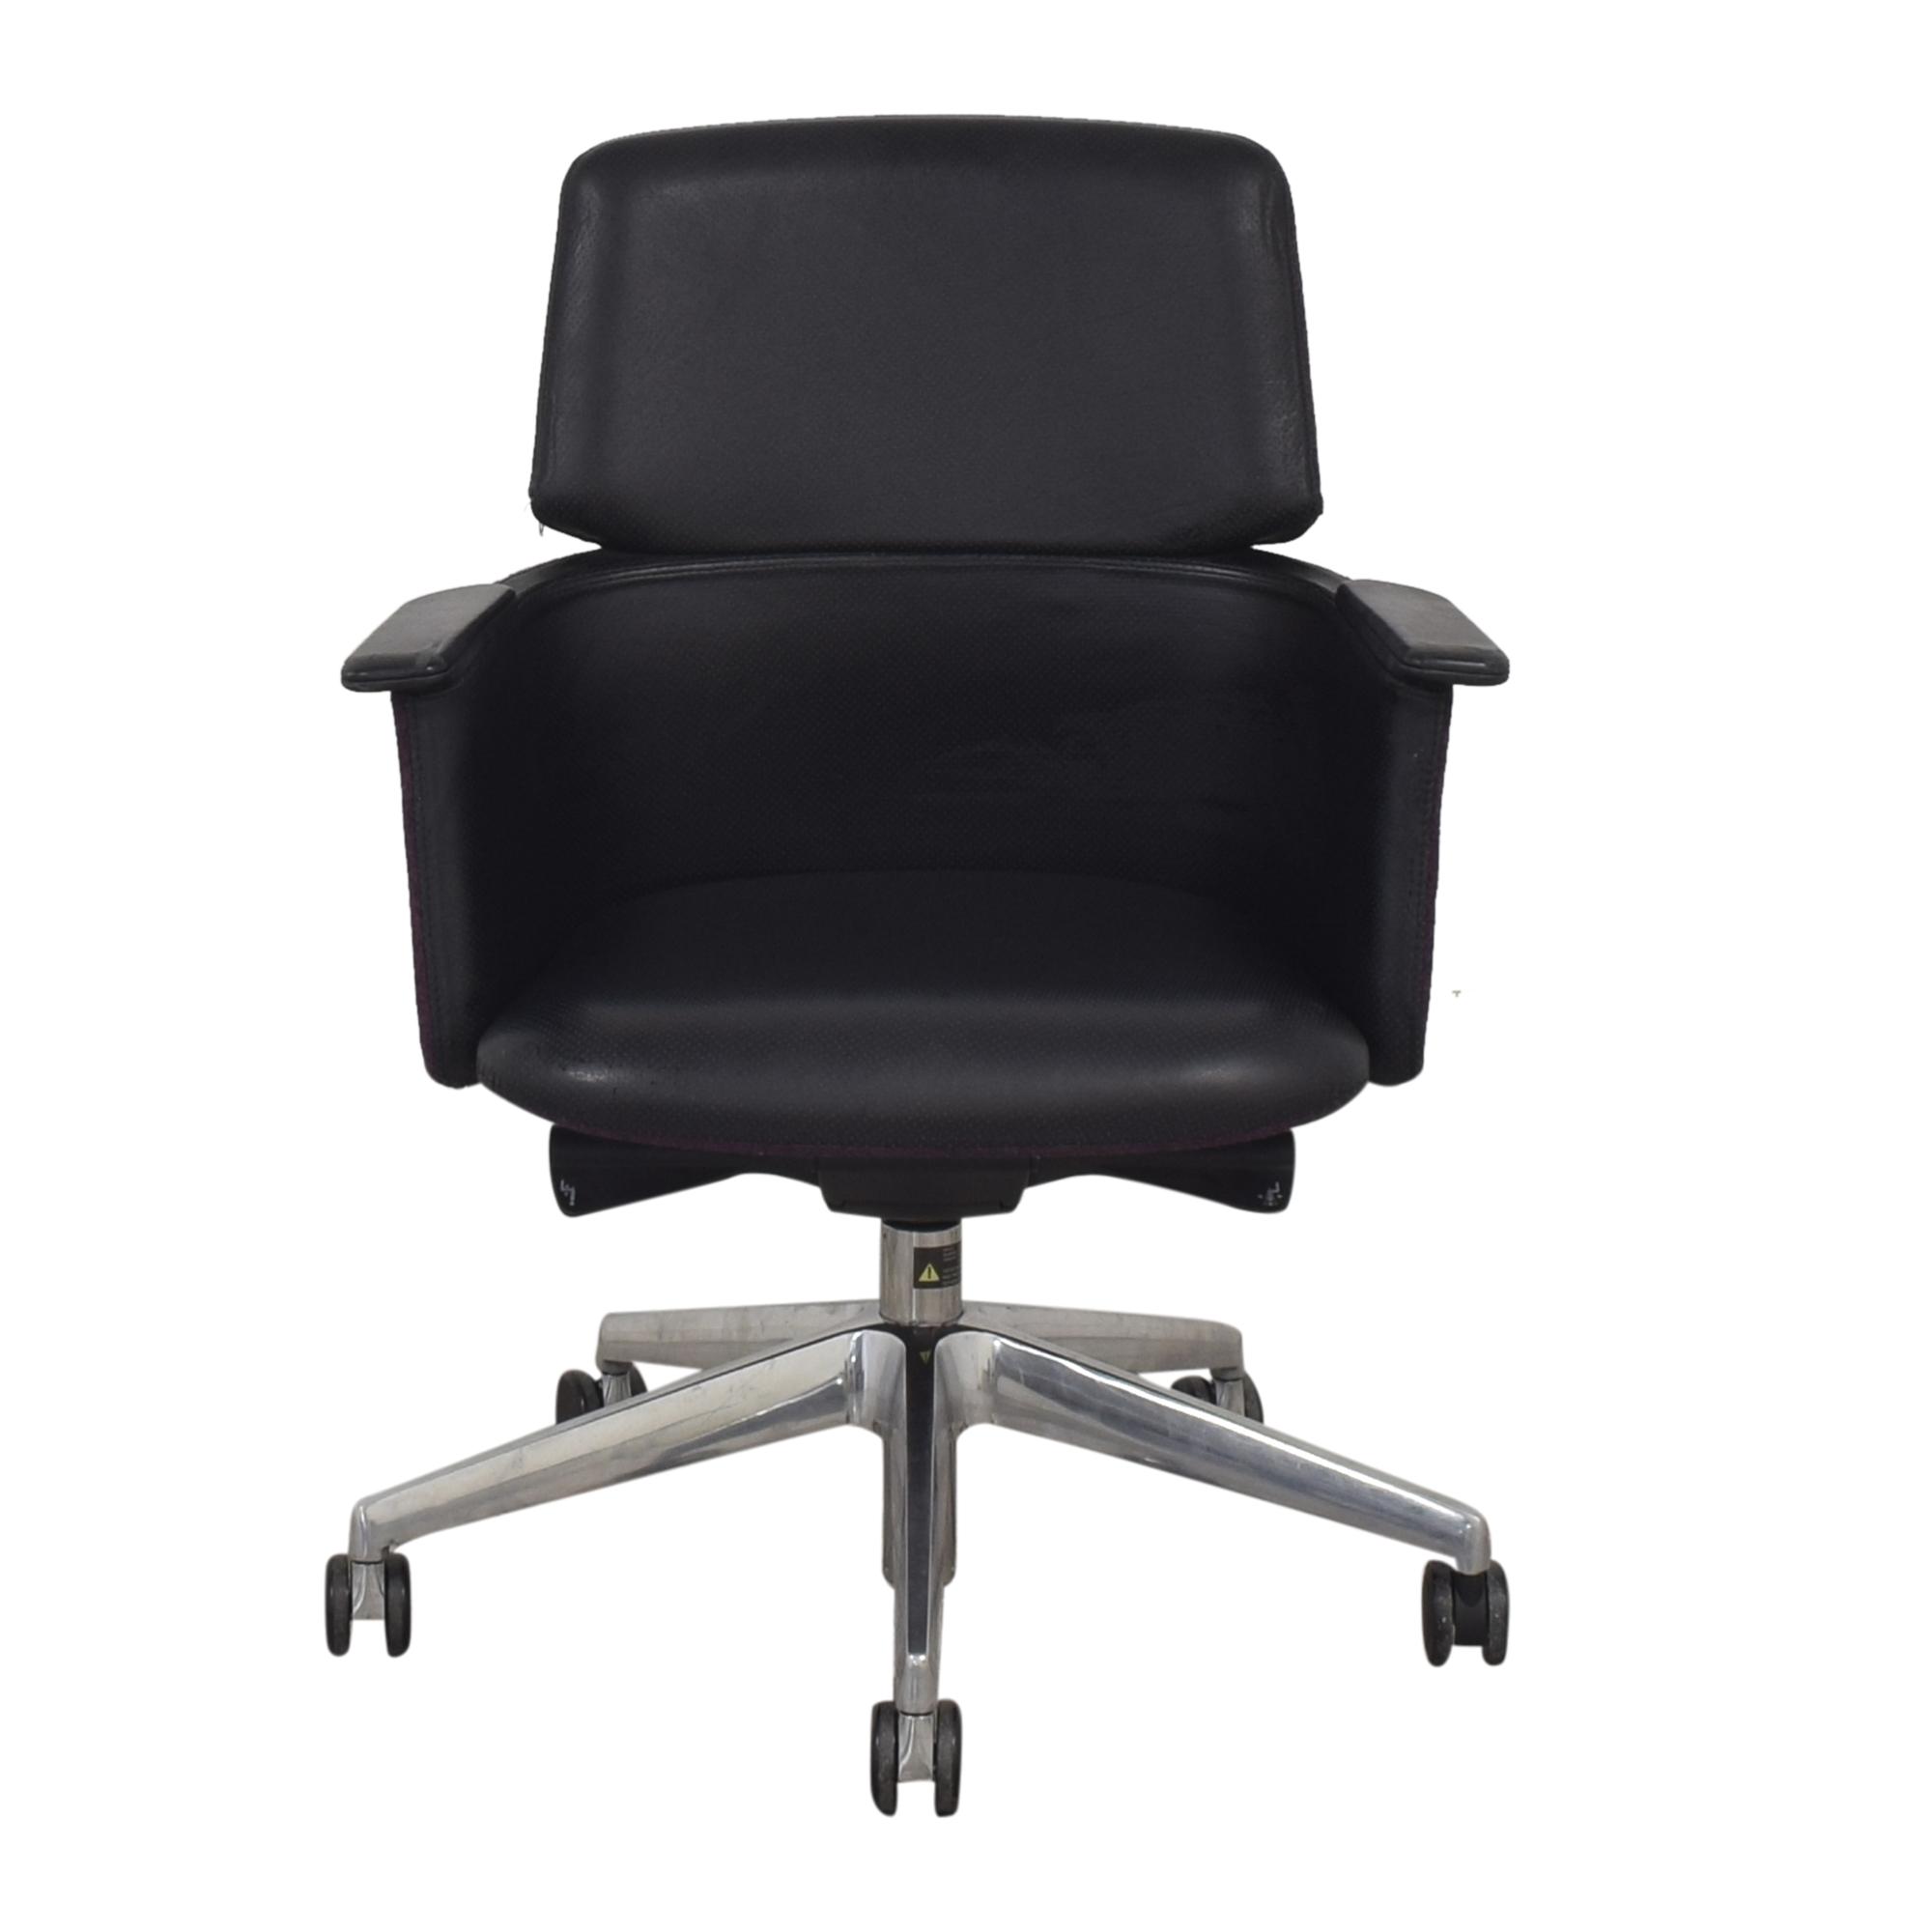 Koleksiyon Koleksiyon Tola Task Chair Chairs